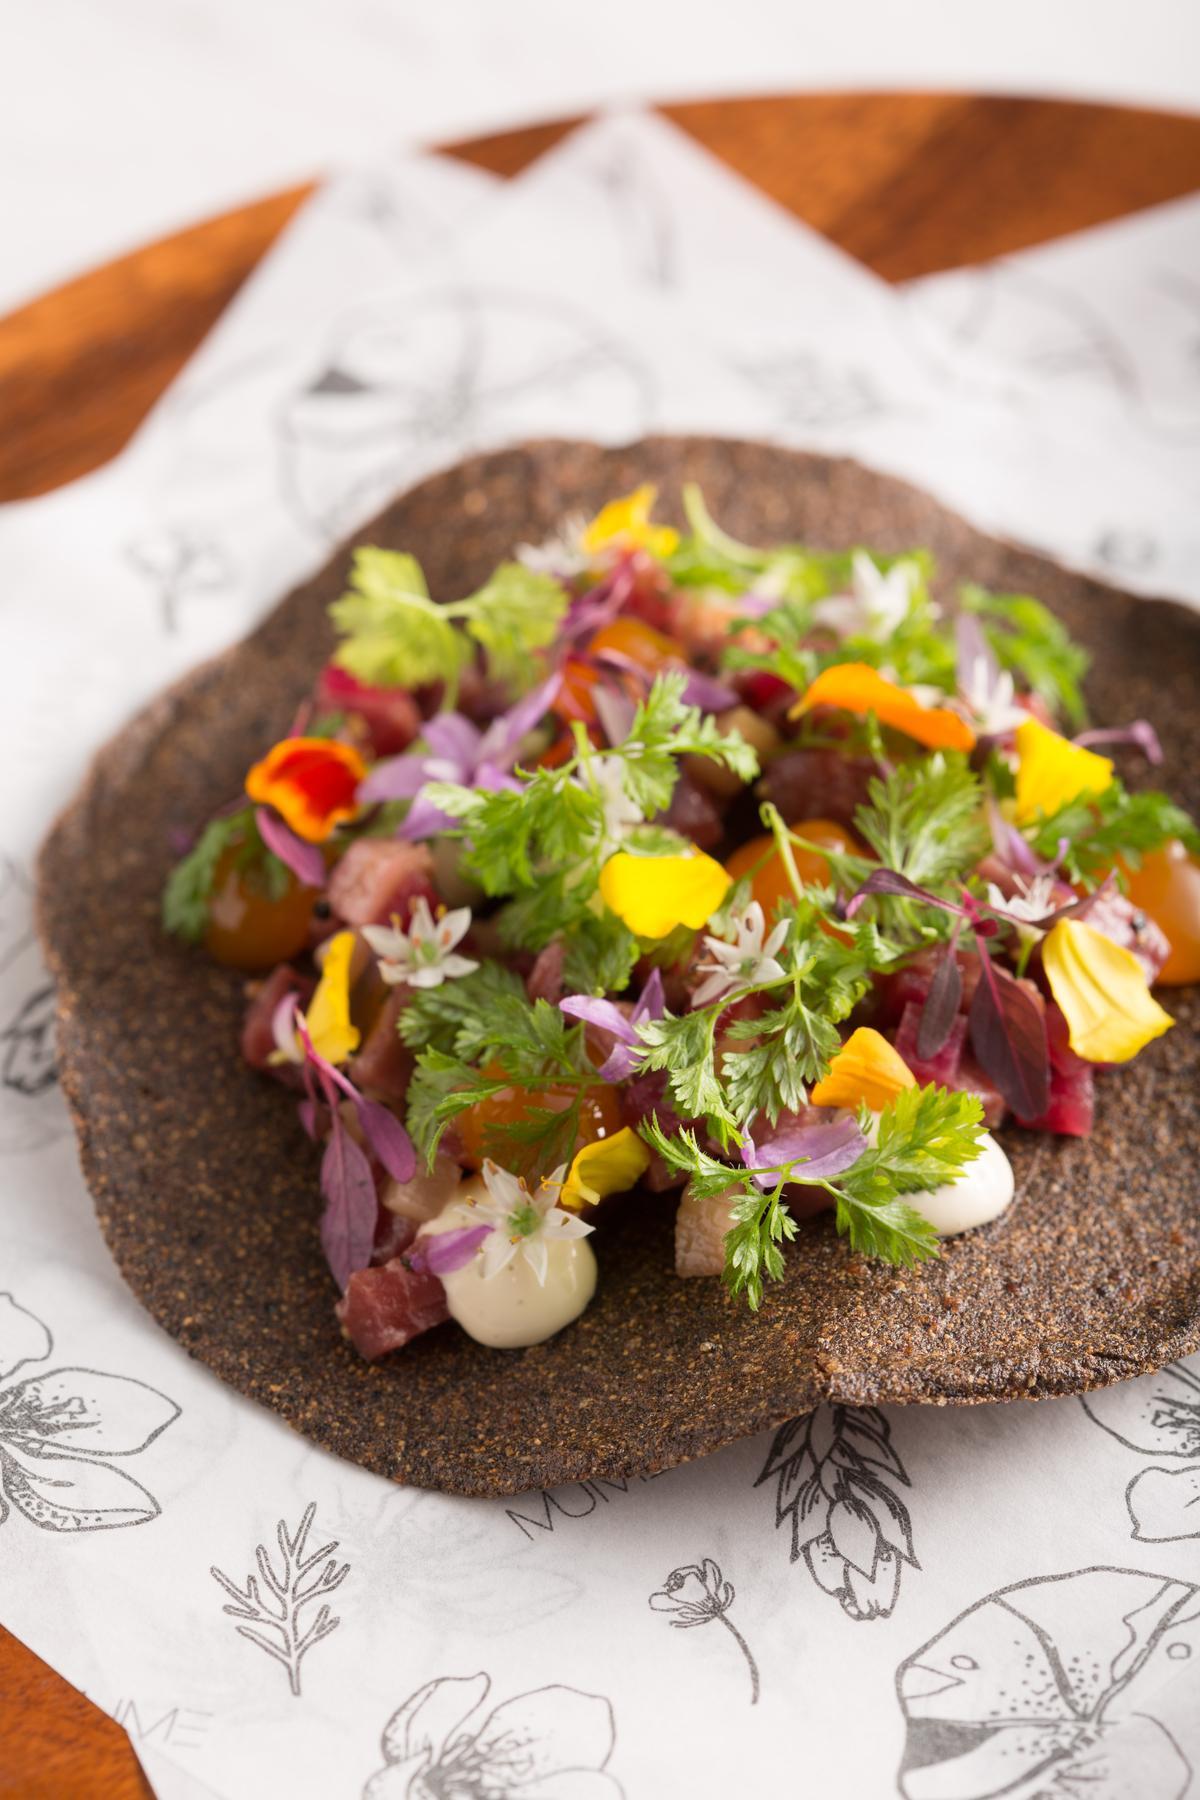 「紅藜花卉墨西哥餅」上的石蒜花帶嗆味,完美搭配生牛肉的鮮甜。(480元/份)